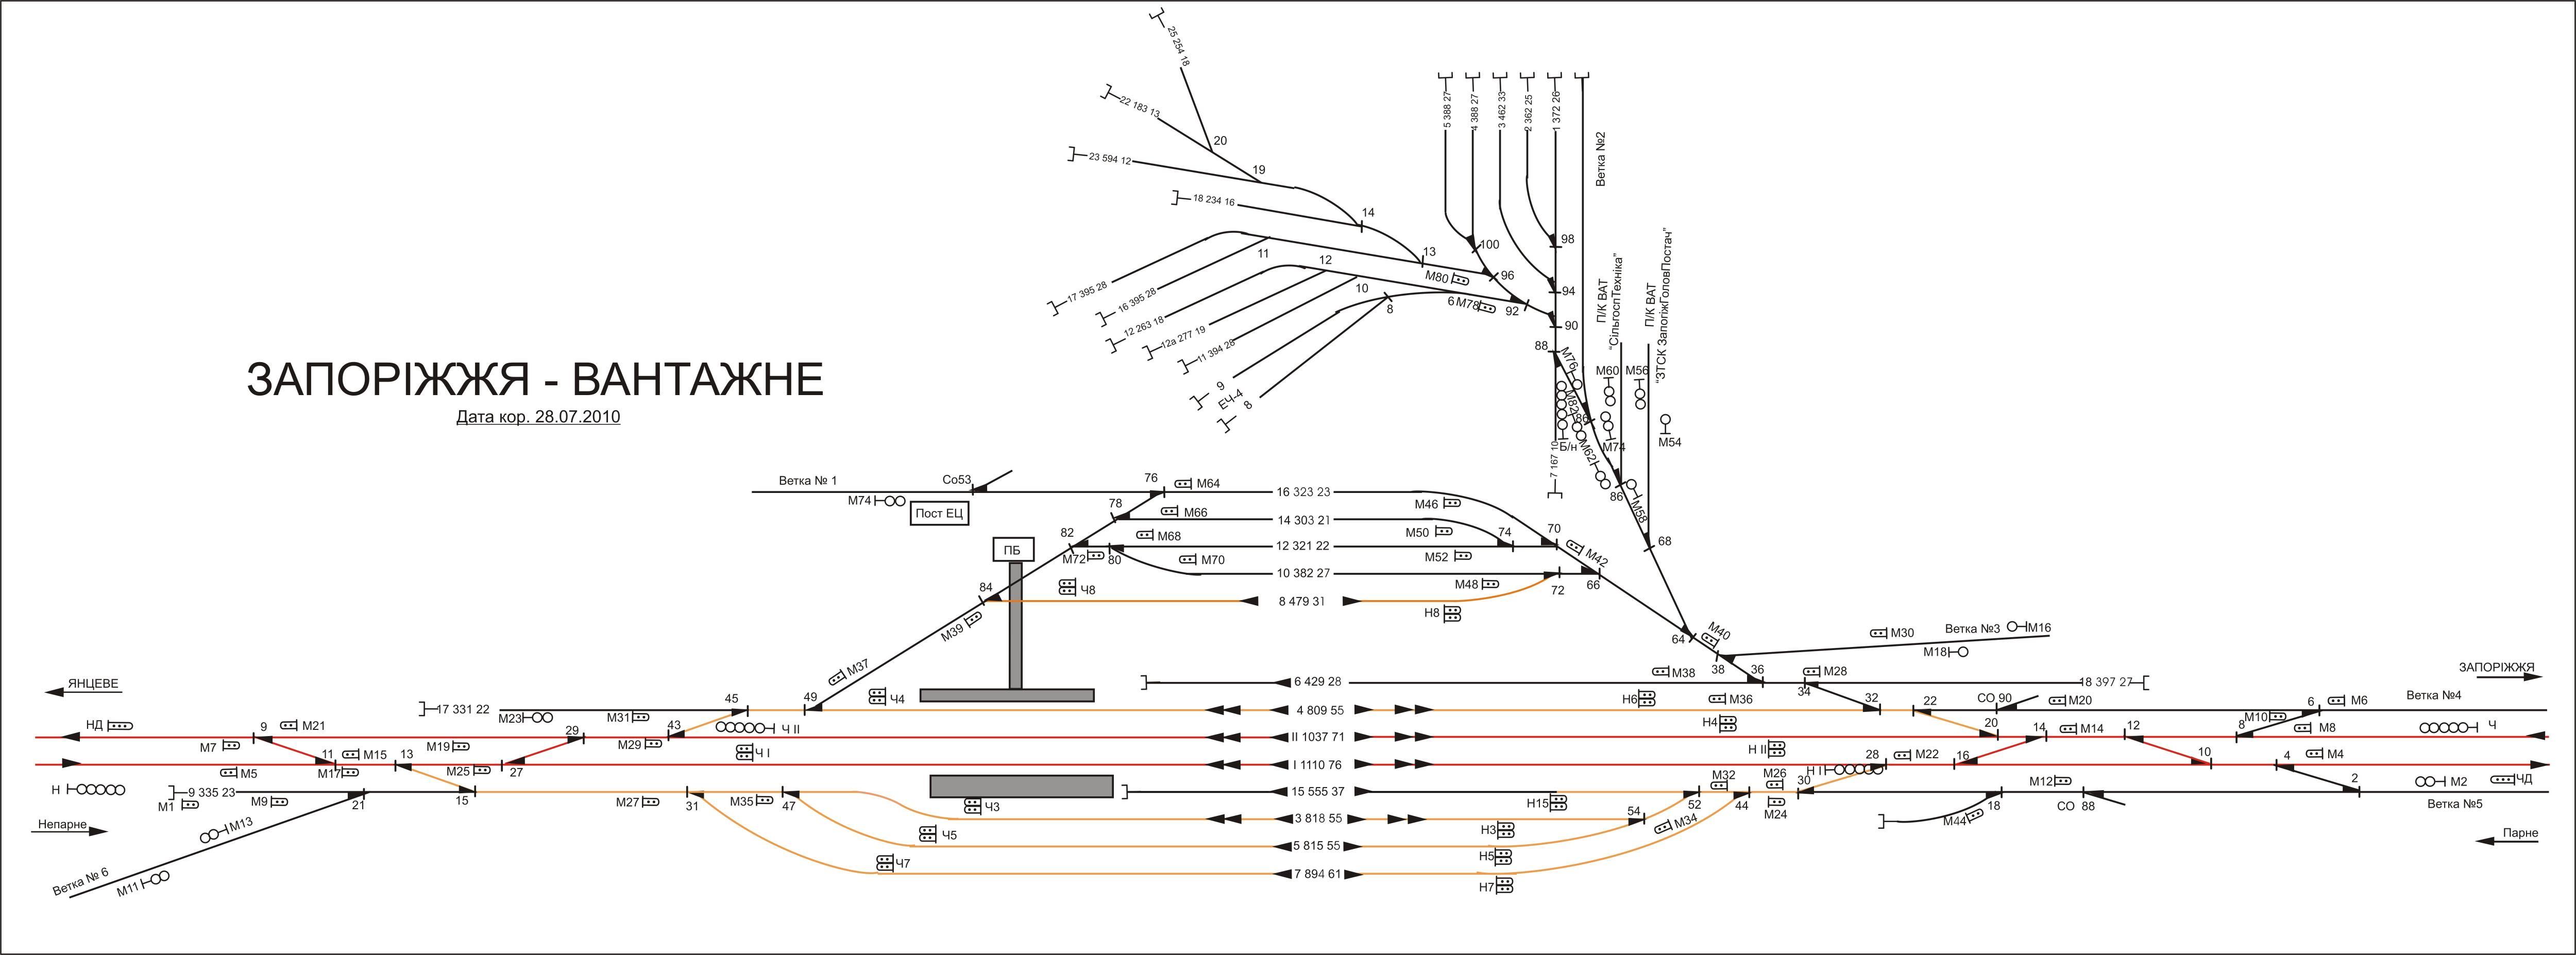 Отправка платформ схемы